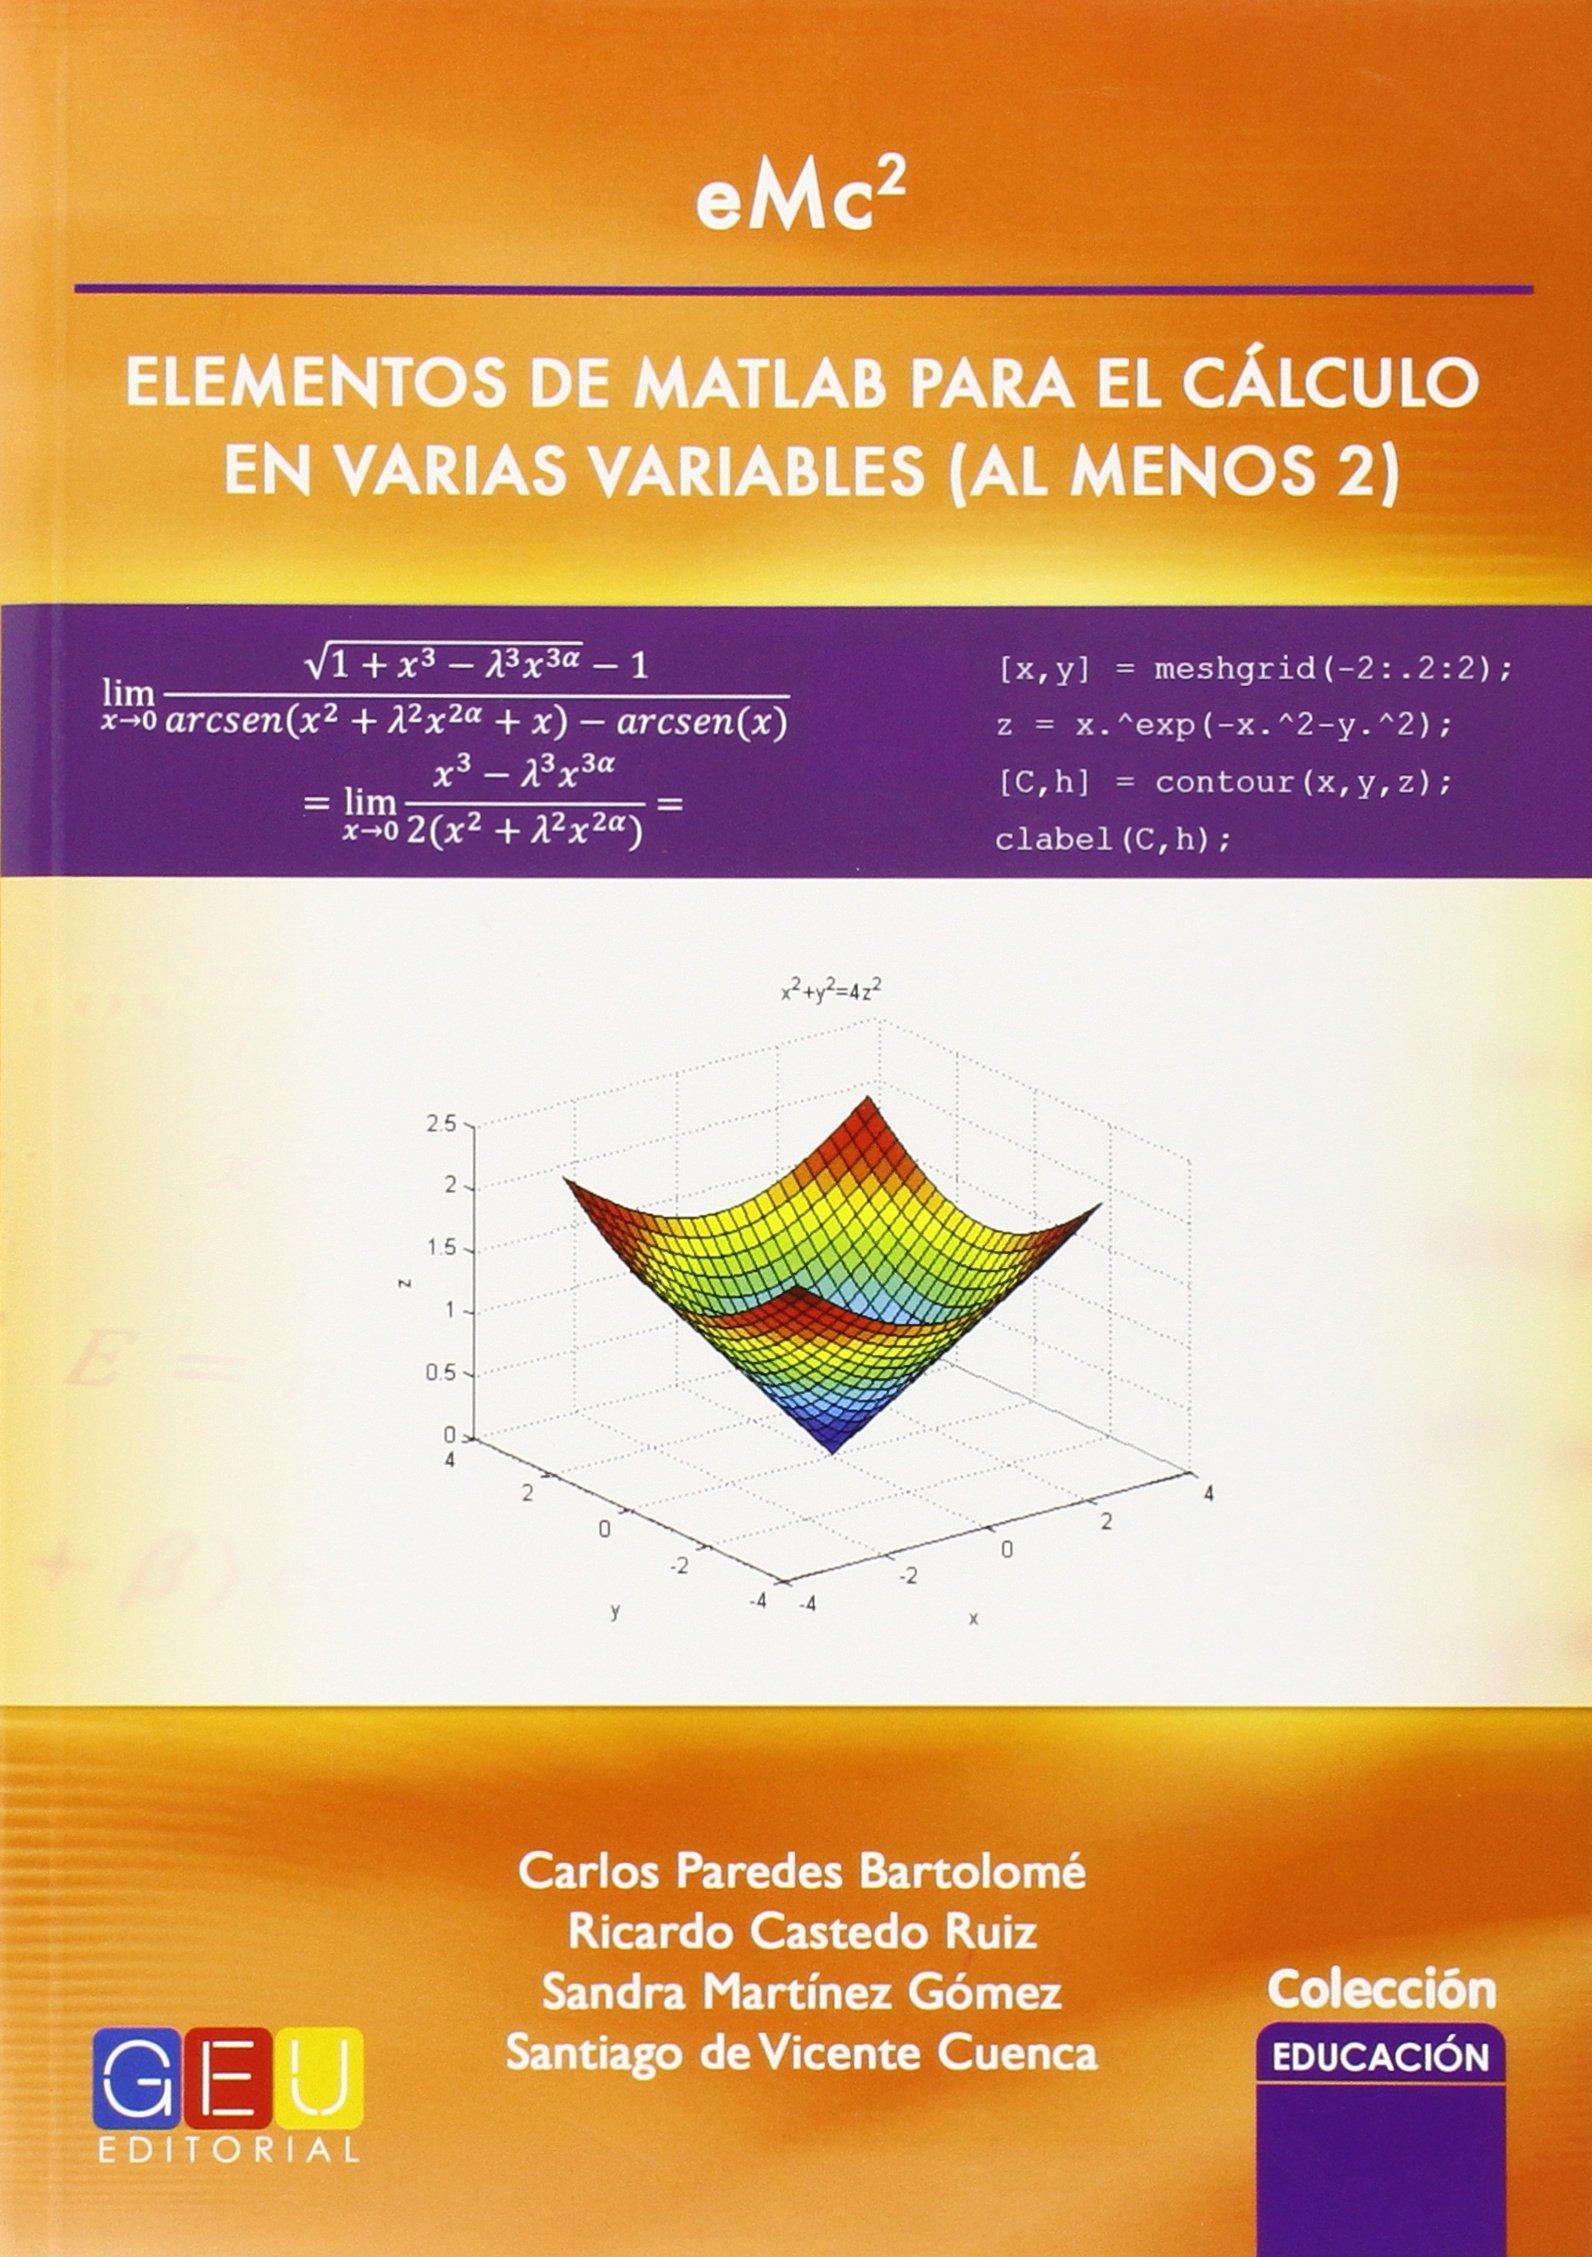 EMC2 ELEMENTOS DE MATLAB PARA EL CALCULO EN VARIAS VARIABLES